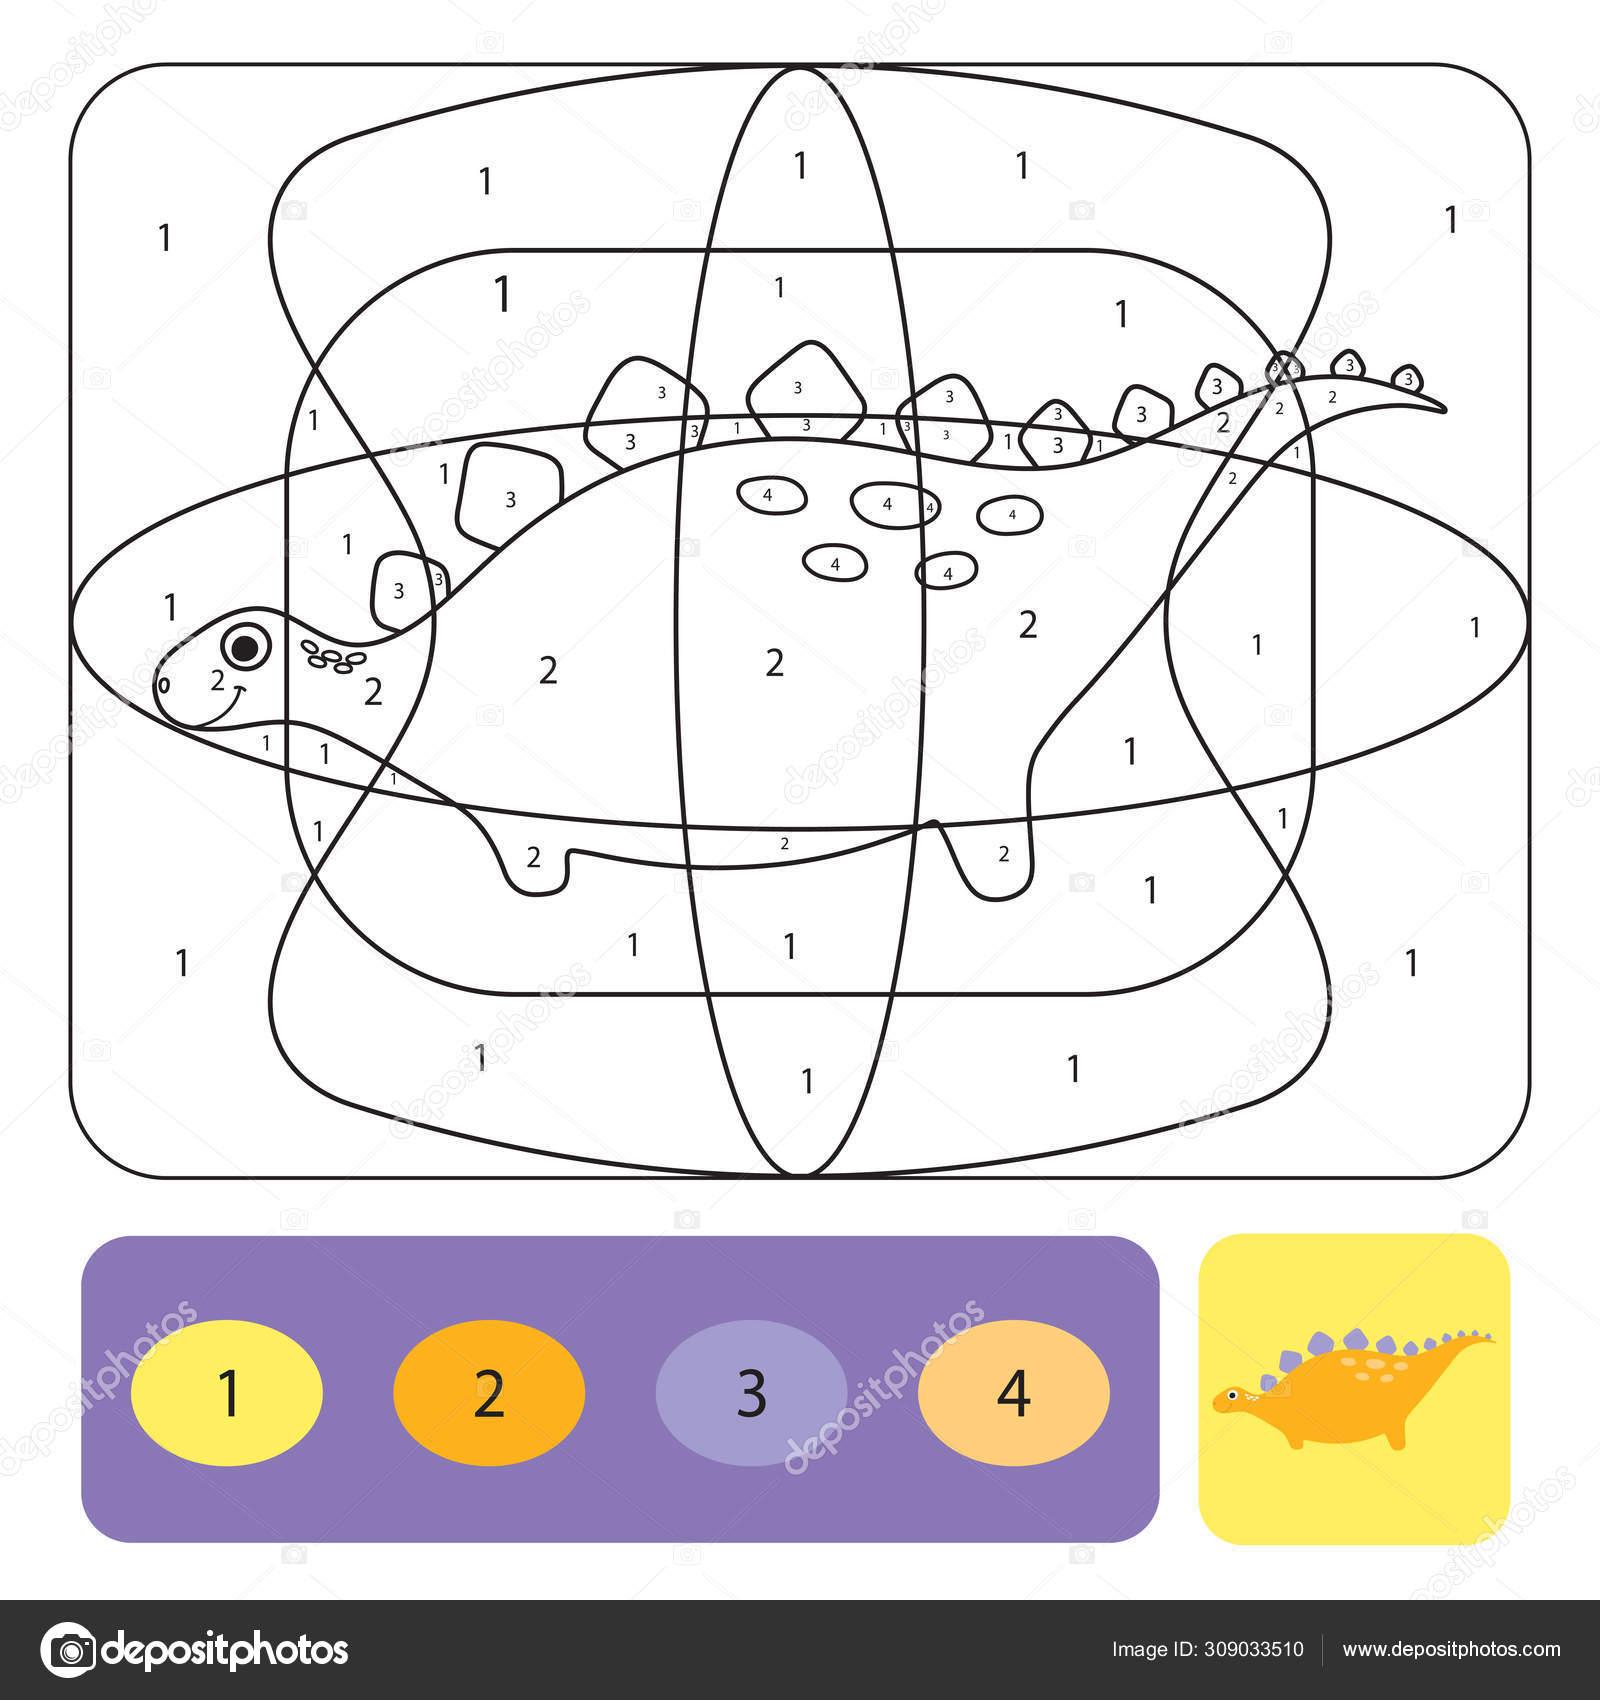 Disegni Numeri Da Colorare Per Bambini.Carina Dino Pagina Da Colorare Per Bambini Puzzle Da Colorare Con